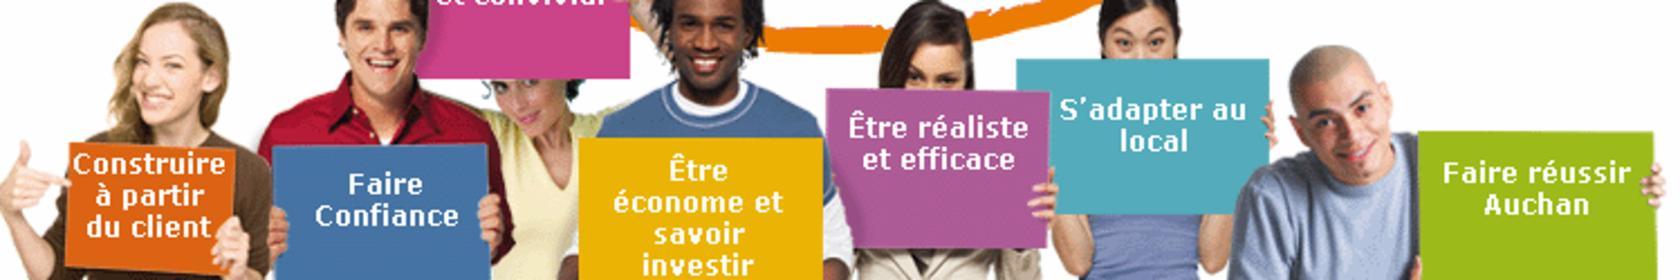 Auchan val de fontenay recrutement toutes les offres disponibles - Auchan recrute fr ...